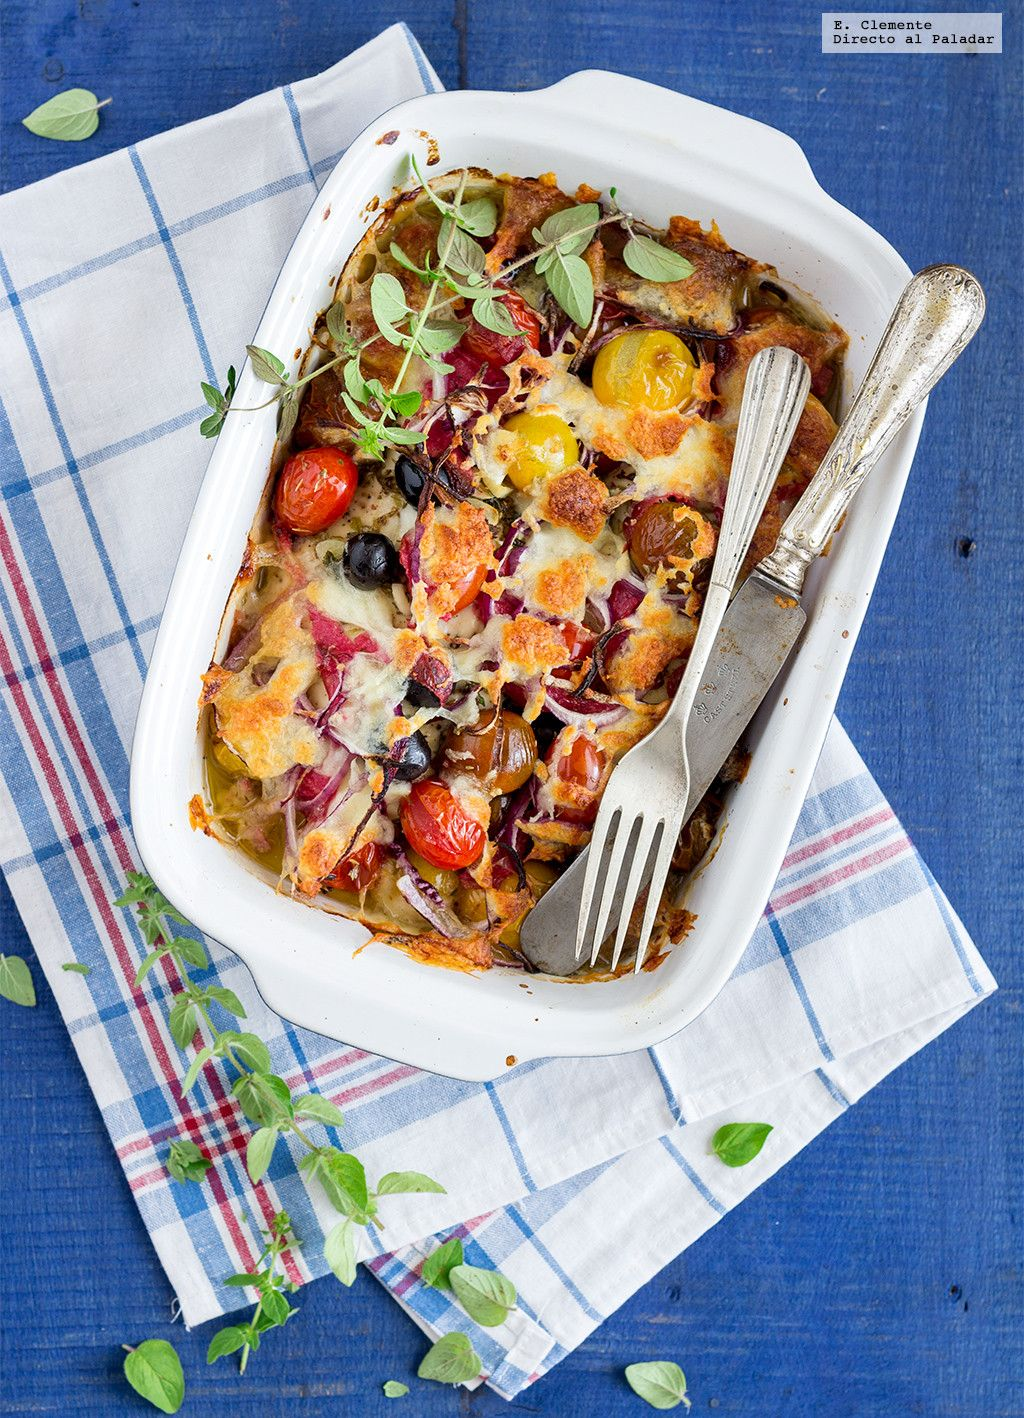 Pechugas de pollo al horno con salami y mozzarella. Receta mediterránea